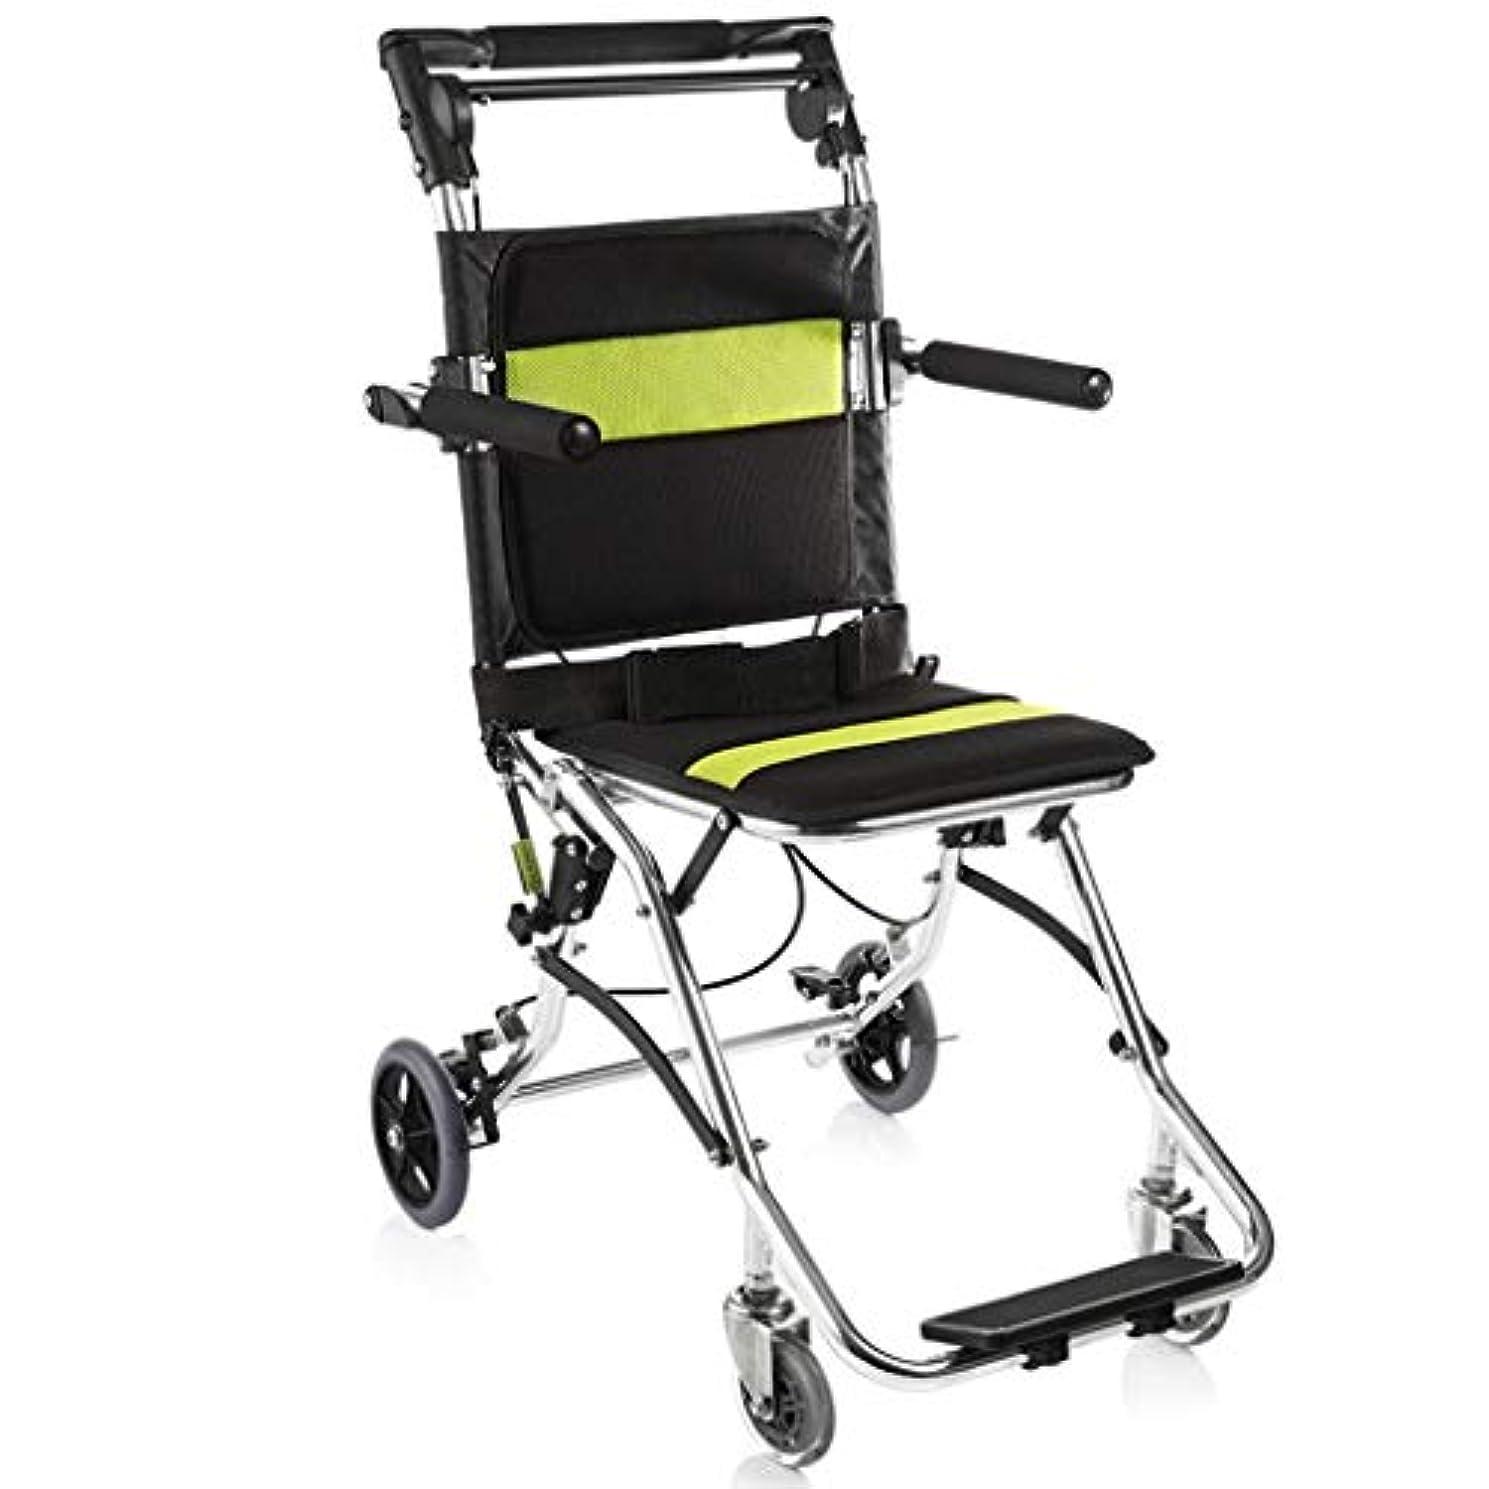 パンサーネーピアのど車椅子折りたたみフルオブリーク/リクライニングデザイン、多機能高齢者ポータブルトロリー、四輪ブレーキ車椅子